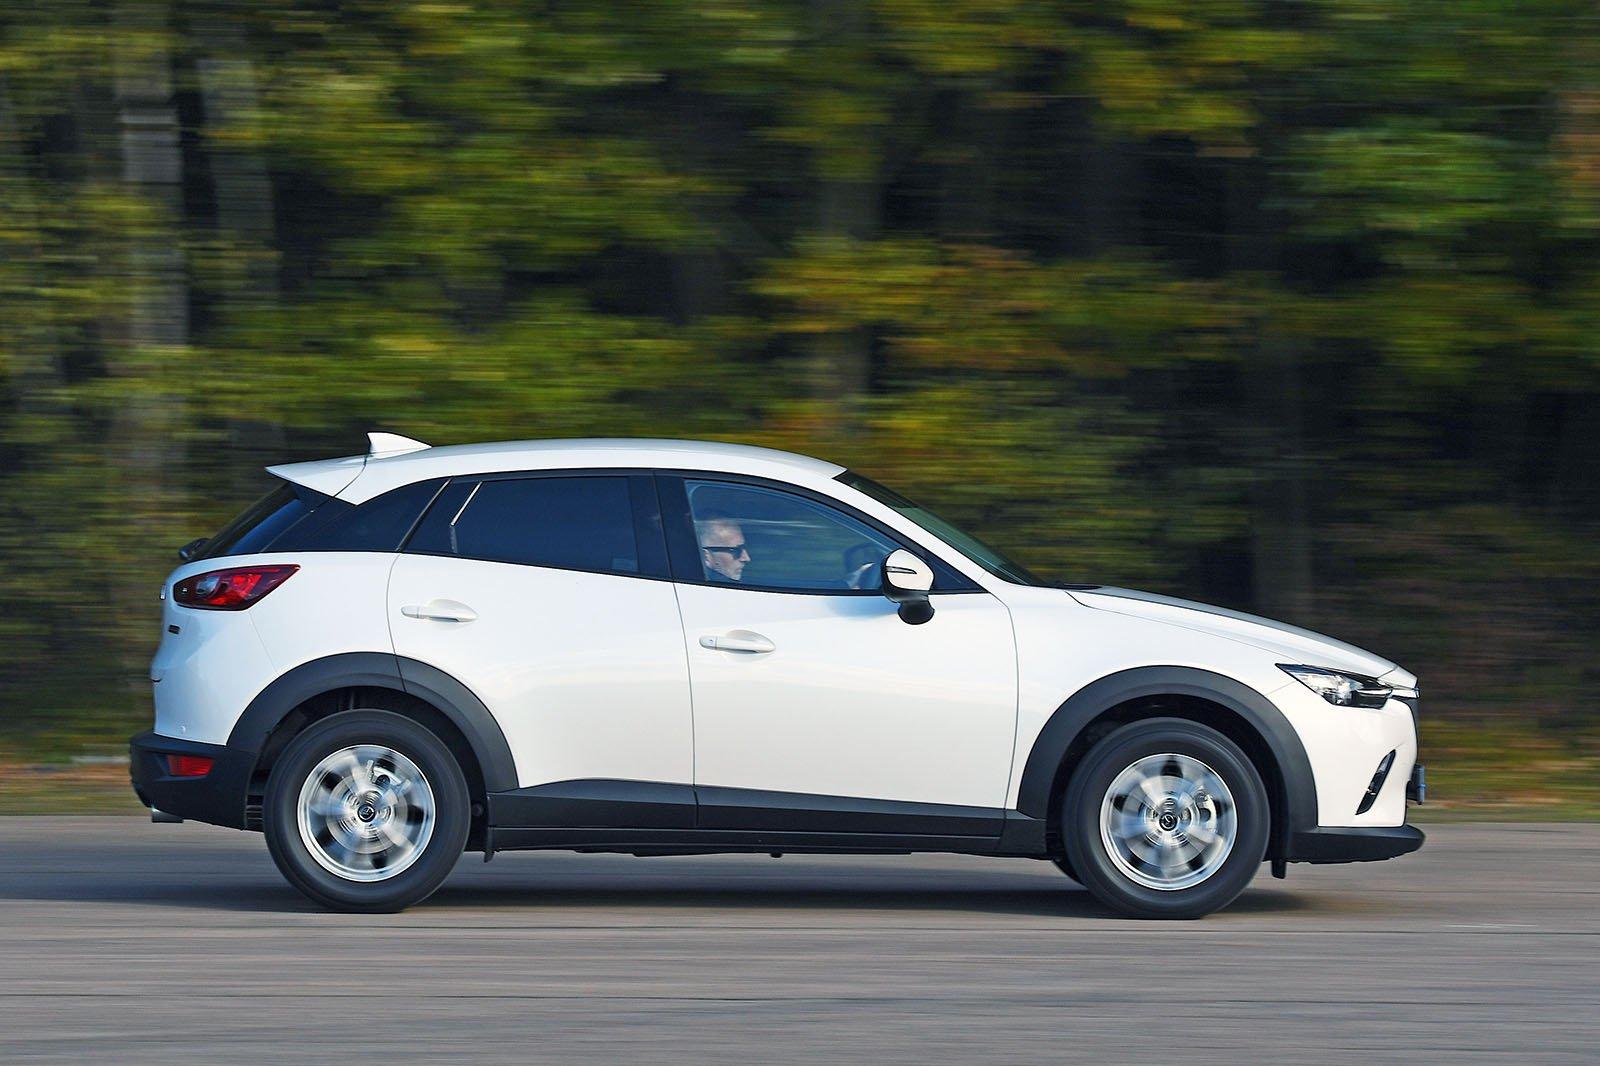 Mazda CX-3 driving